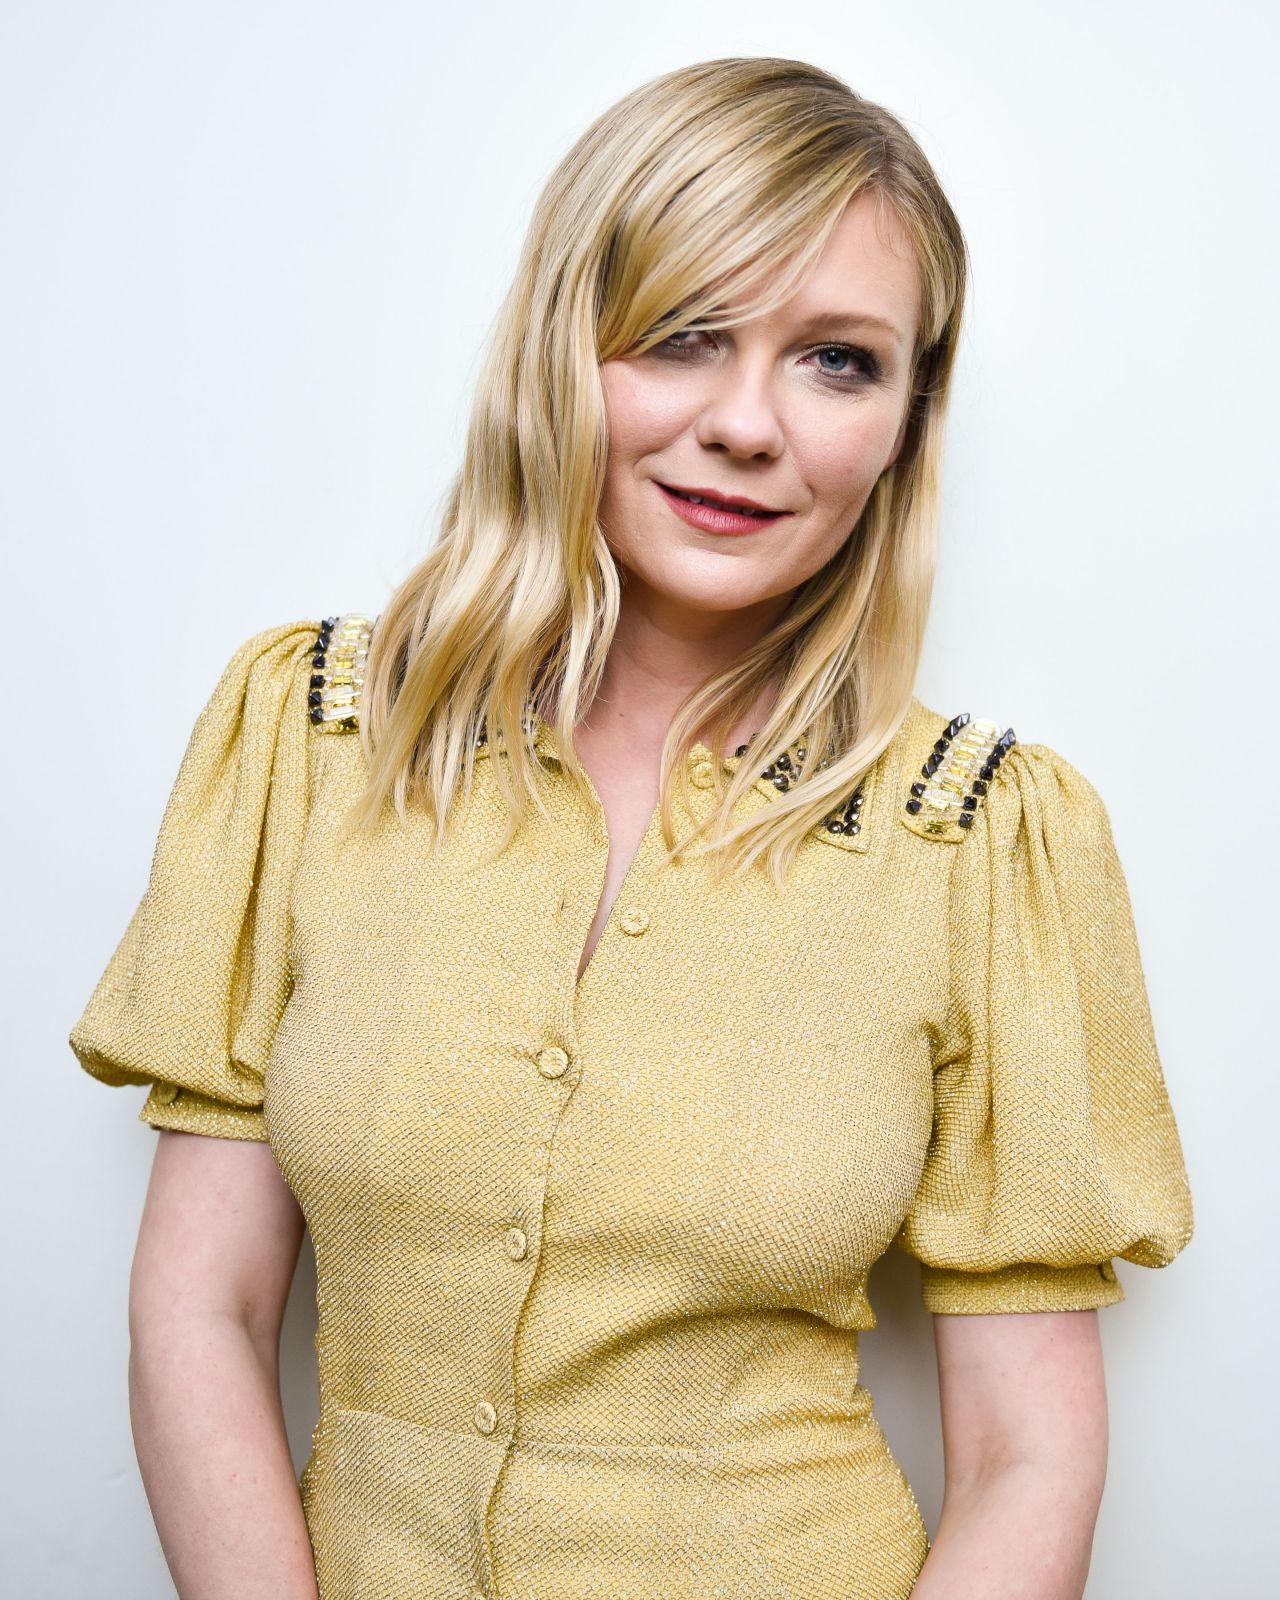 Kirsten Dunst Latest Photos - CelebMafia